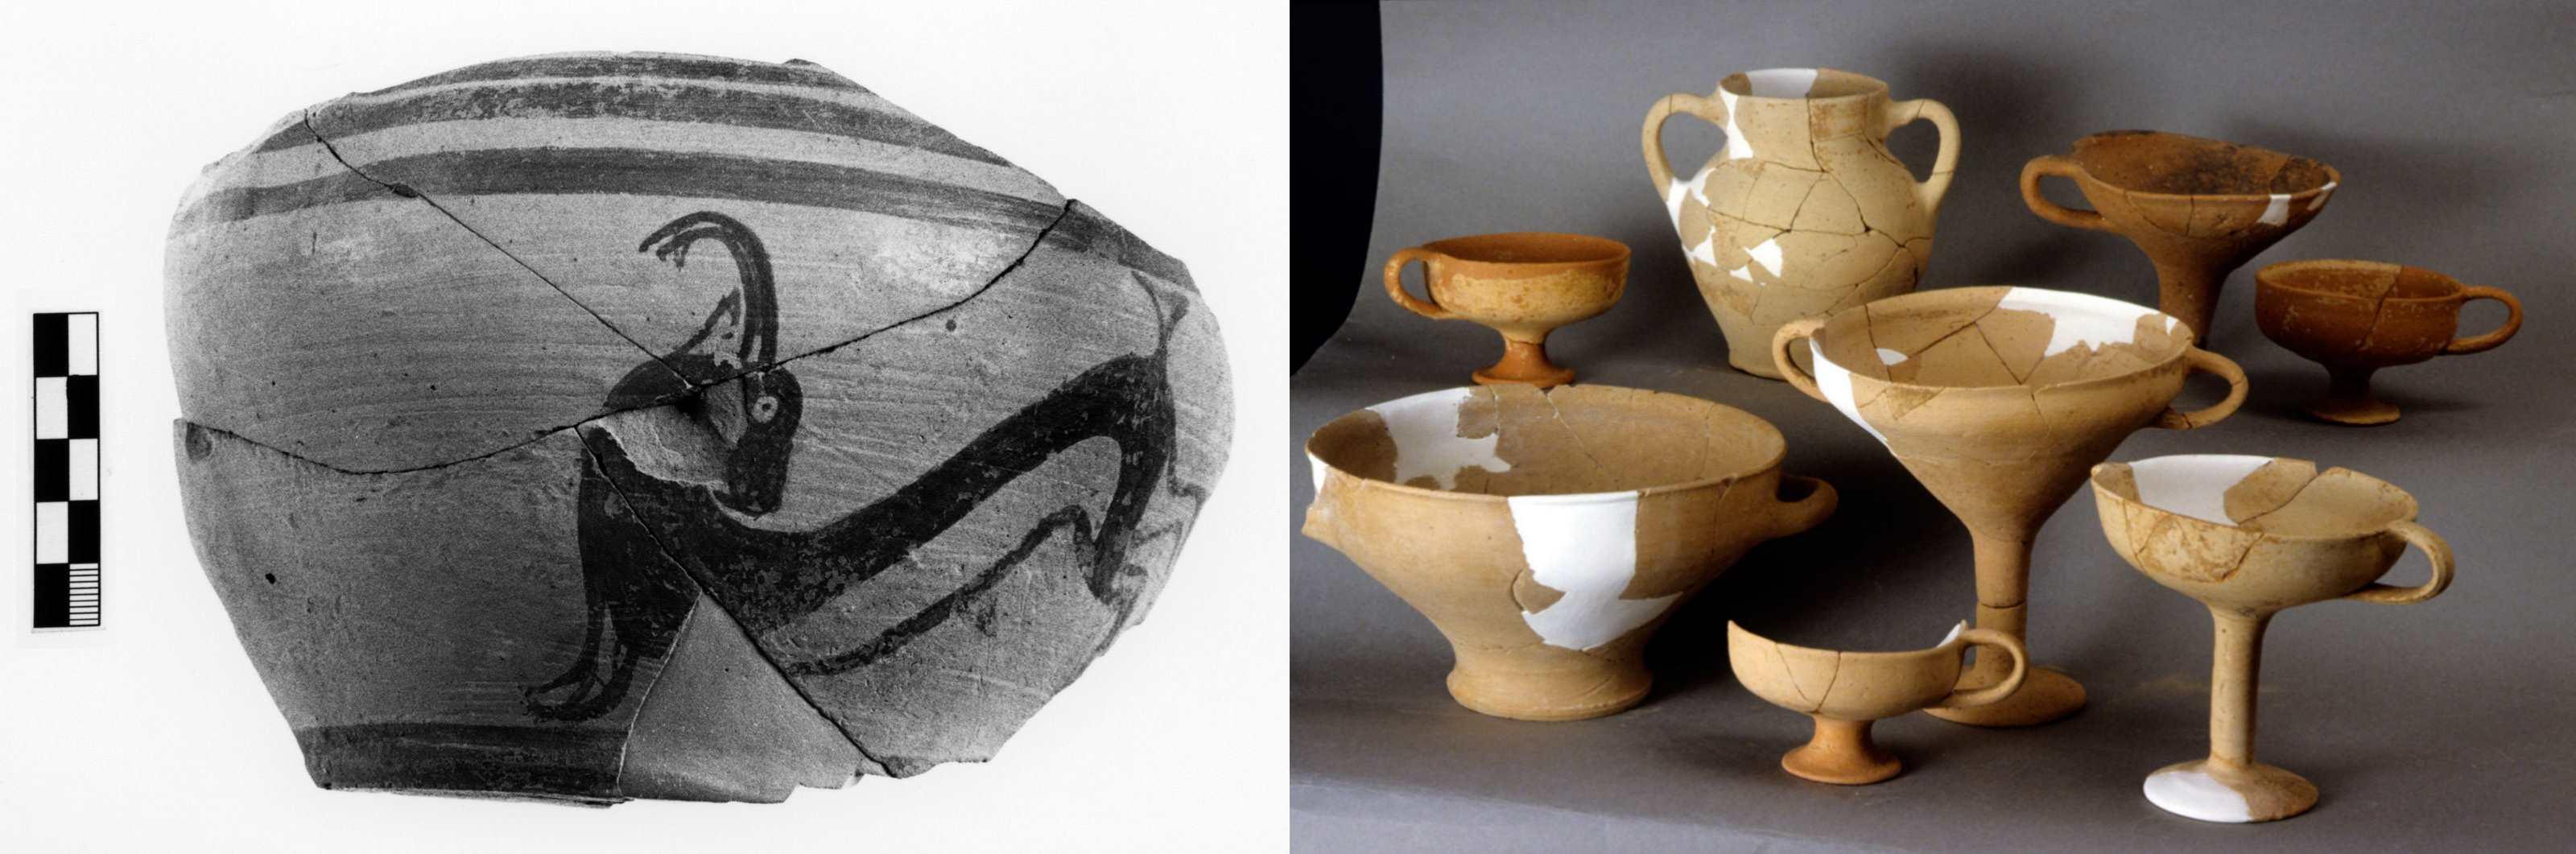 Figure 3. Sélection de matériel céramique issu des niveaux MR IIIA2-B au Quartier Nu. Clichés Al. Farnoux et Chr. Papanikolopoulos ©EfA